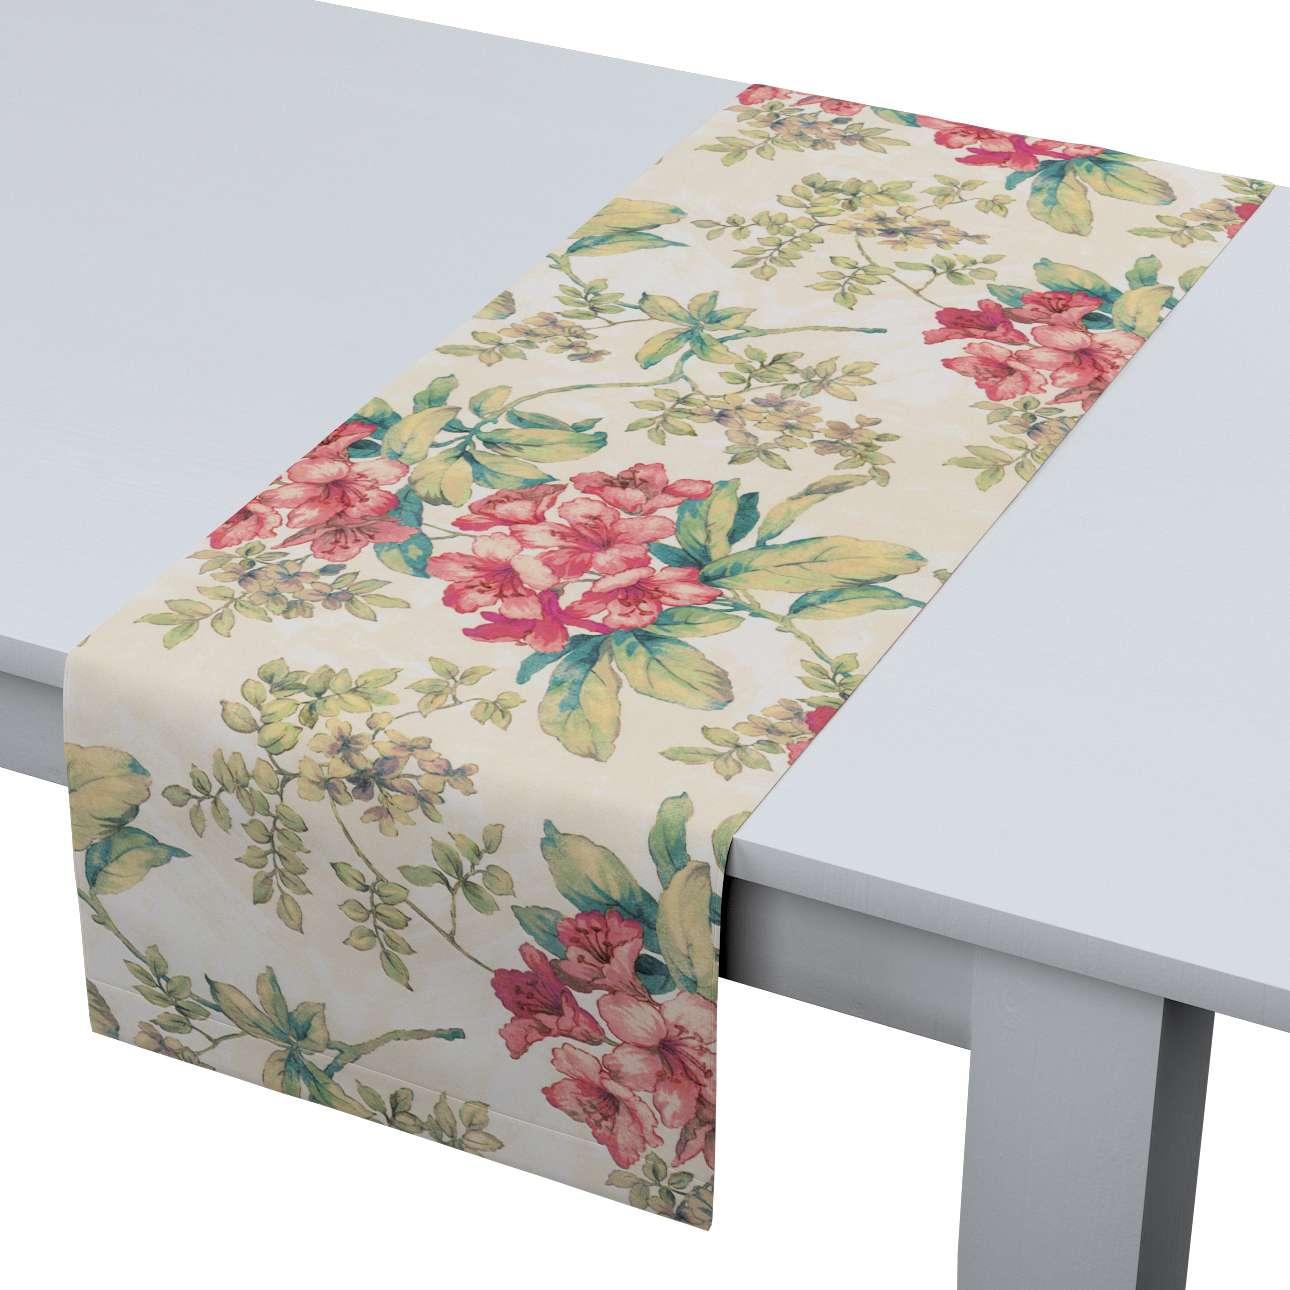 Bieżnik prostokątny w kolekcji Londres, tkanina: 143-40